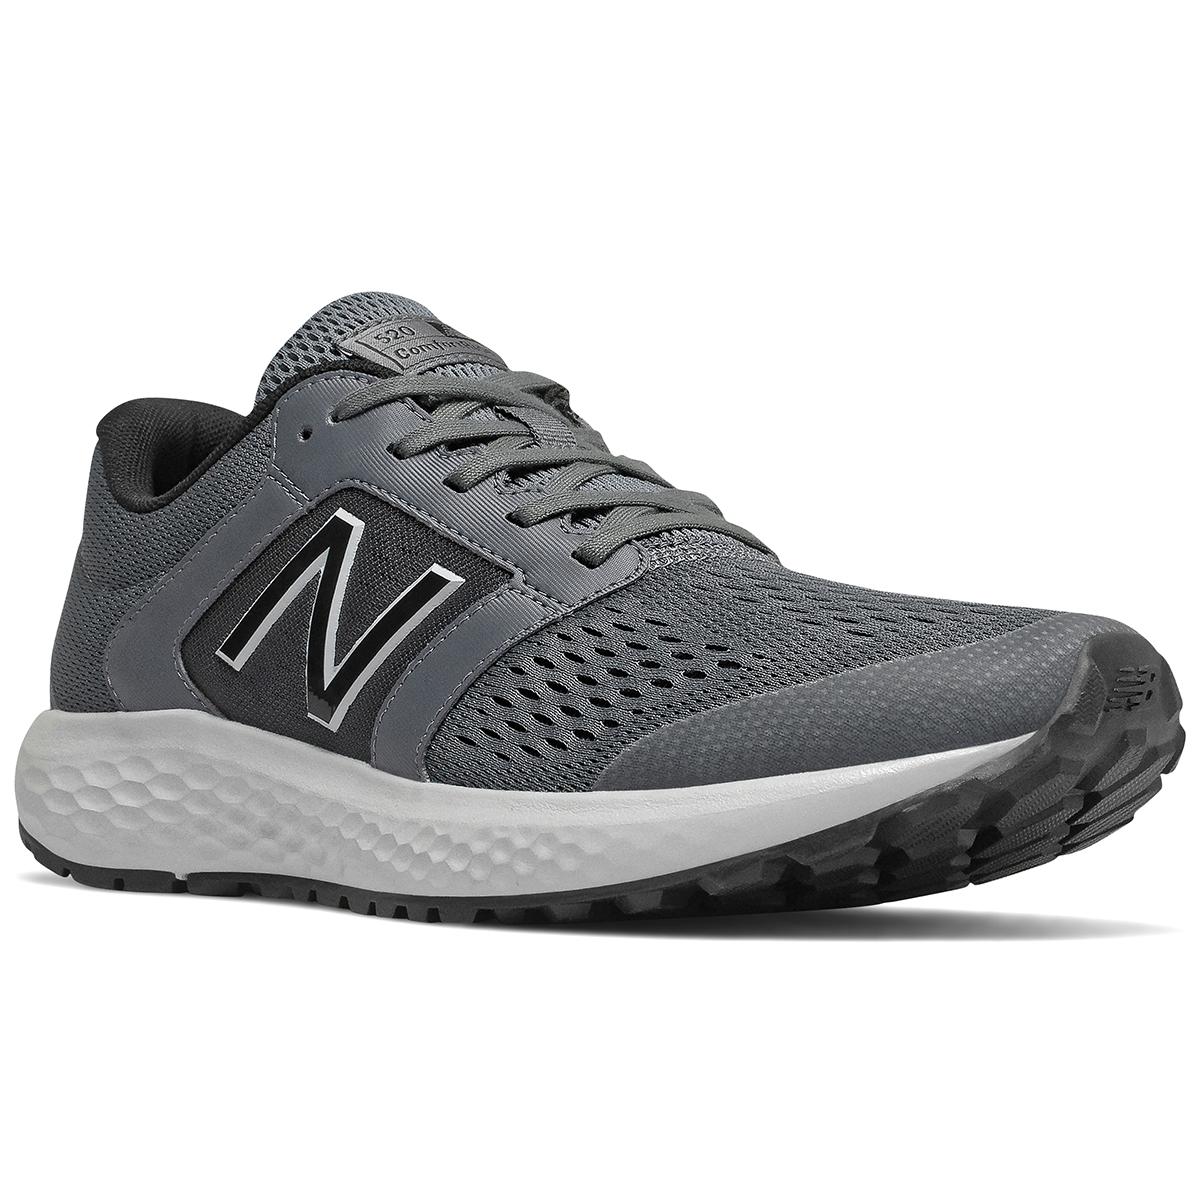 New Balance Men's 520 V5 Running Shoe - Black, 13